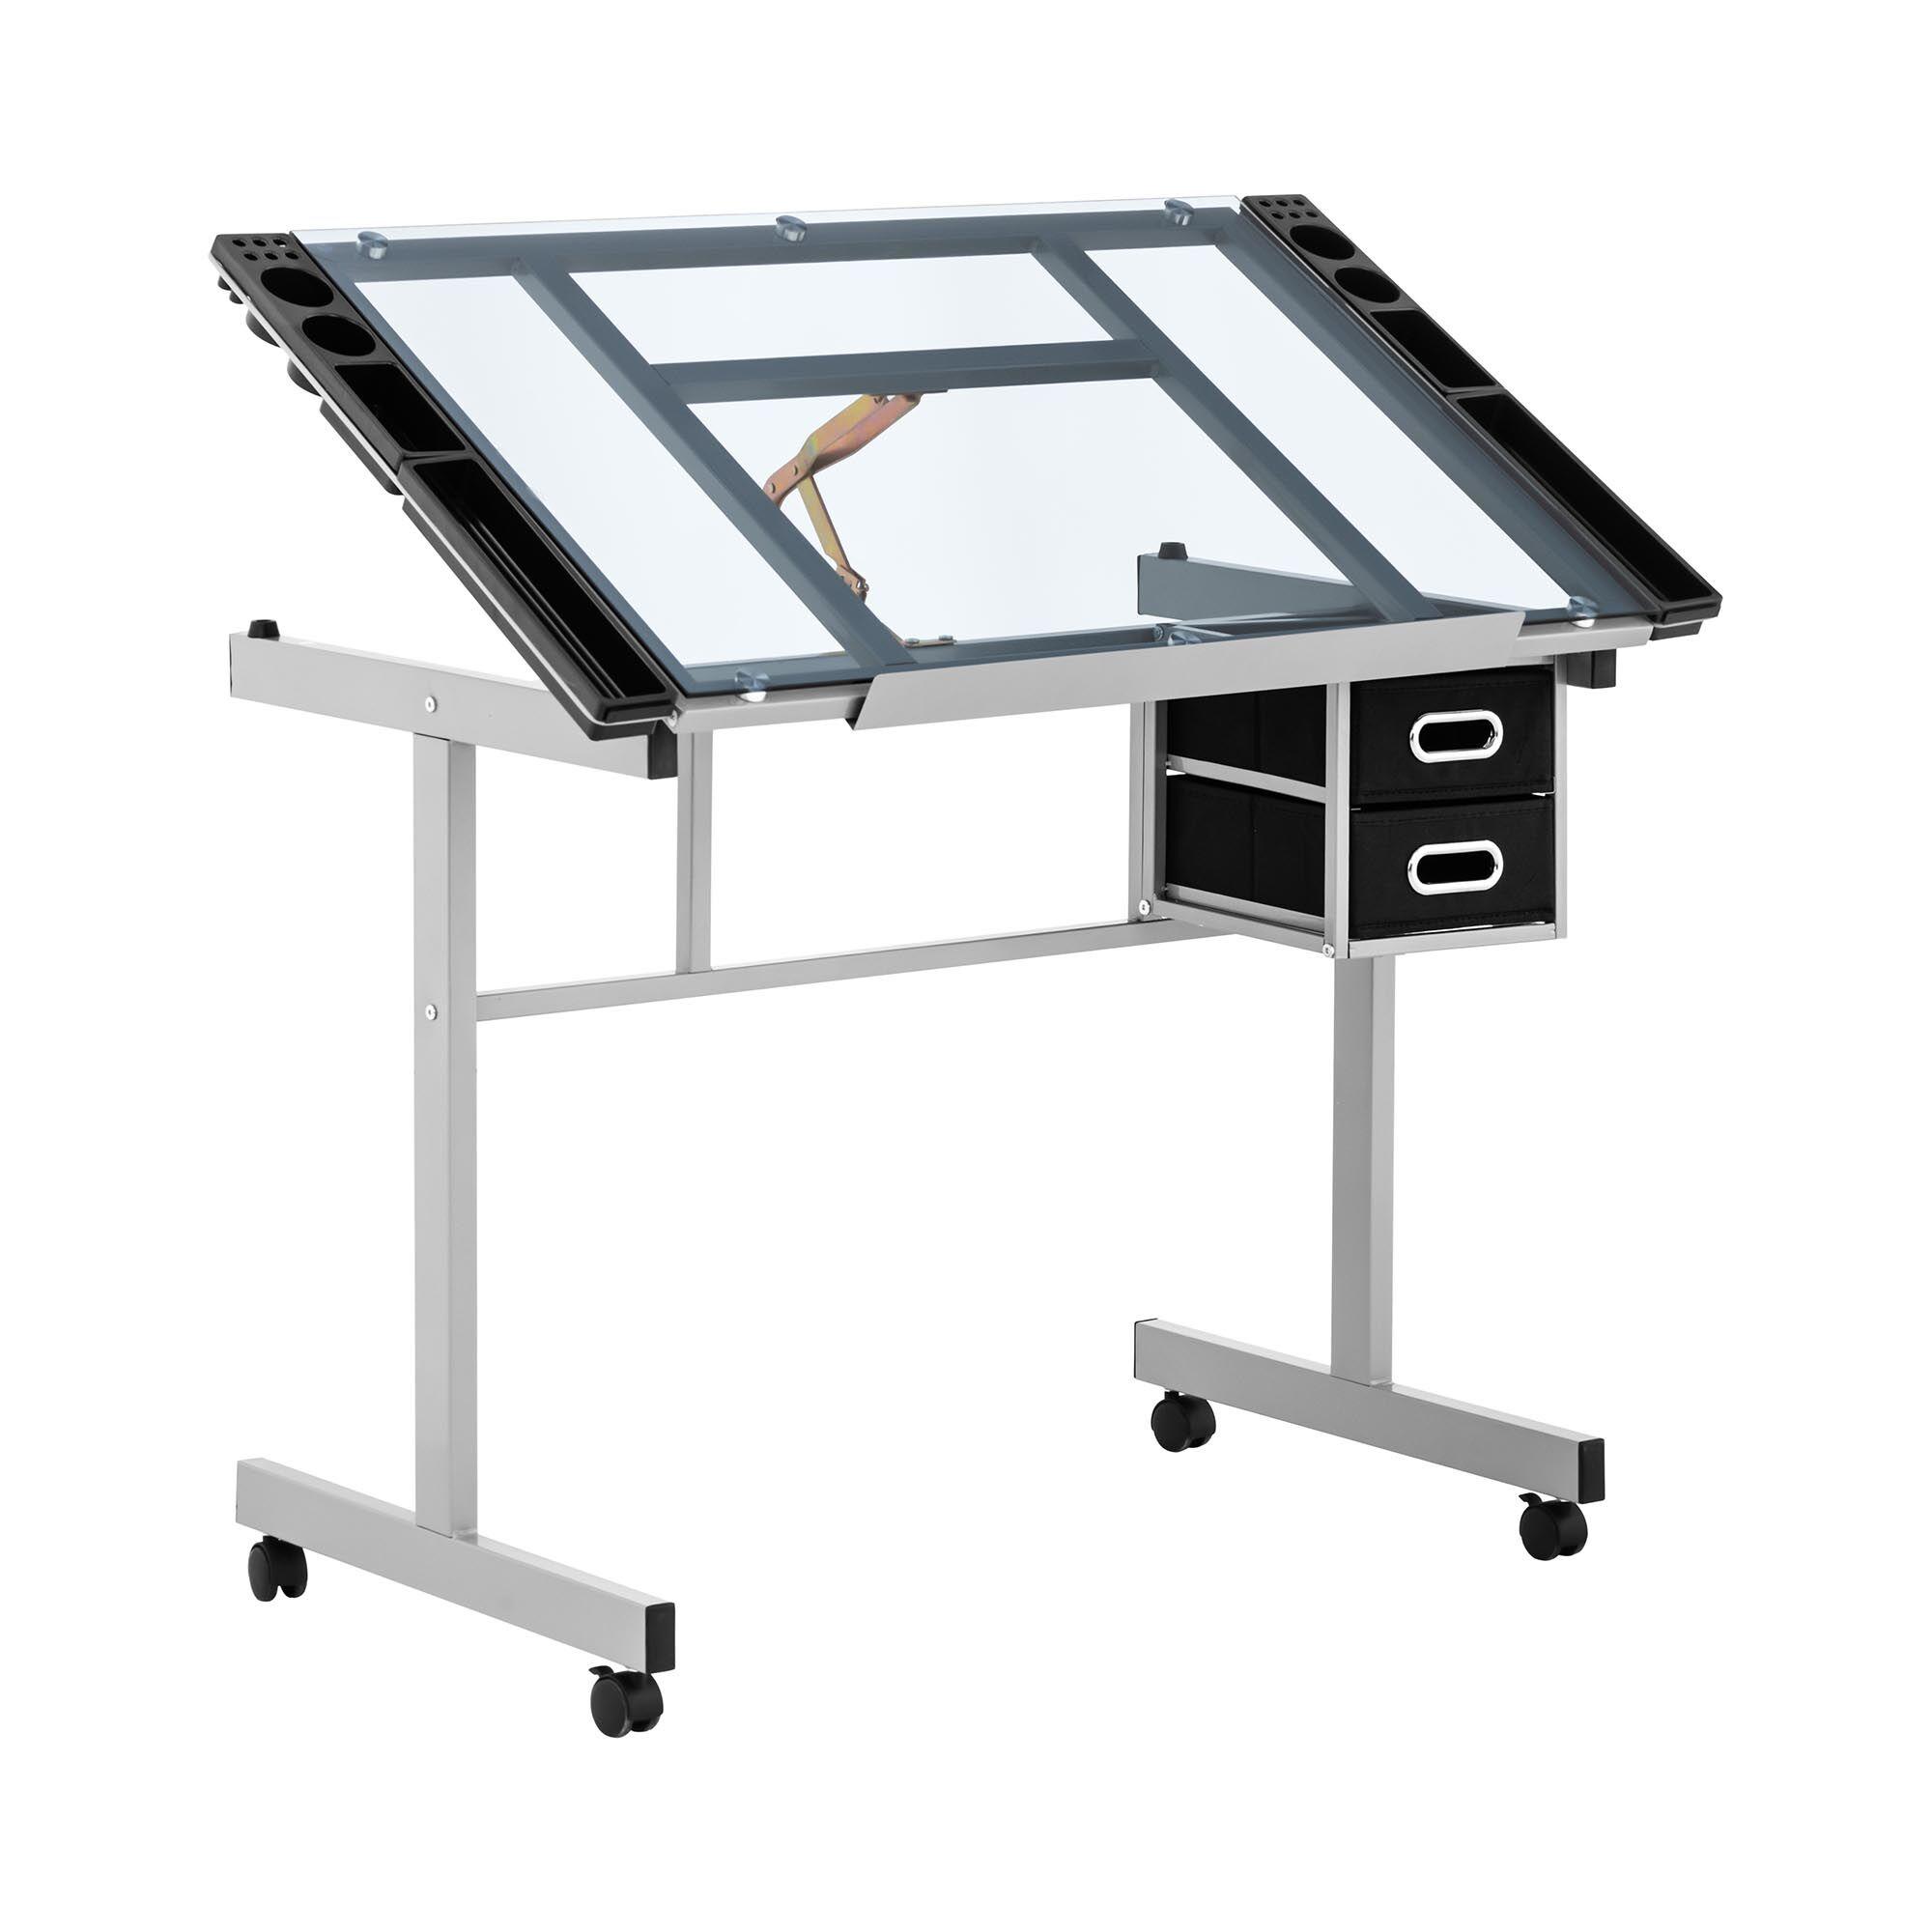 Fromm & Starck Tavolo da disegno inclinabile - 104 x 60 cm - Regolabile in altezza - Piano in vetro STAR_DESK_10